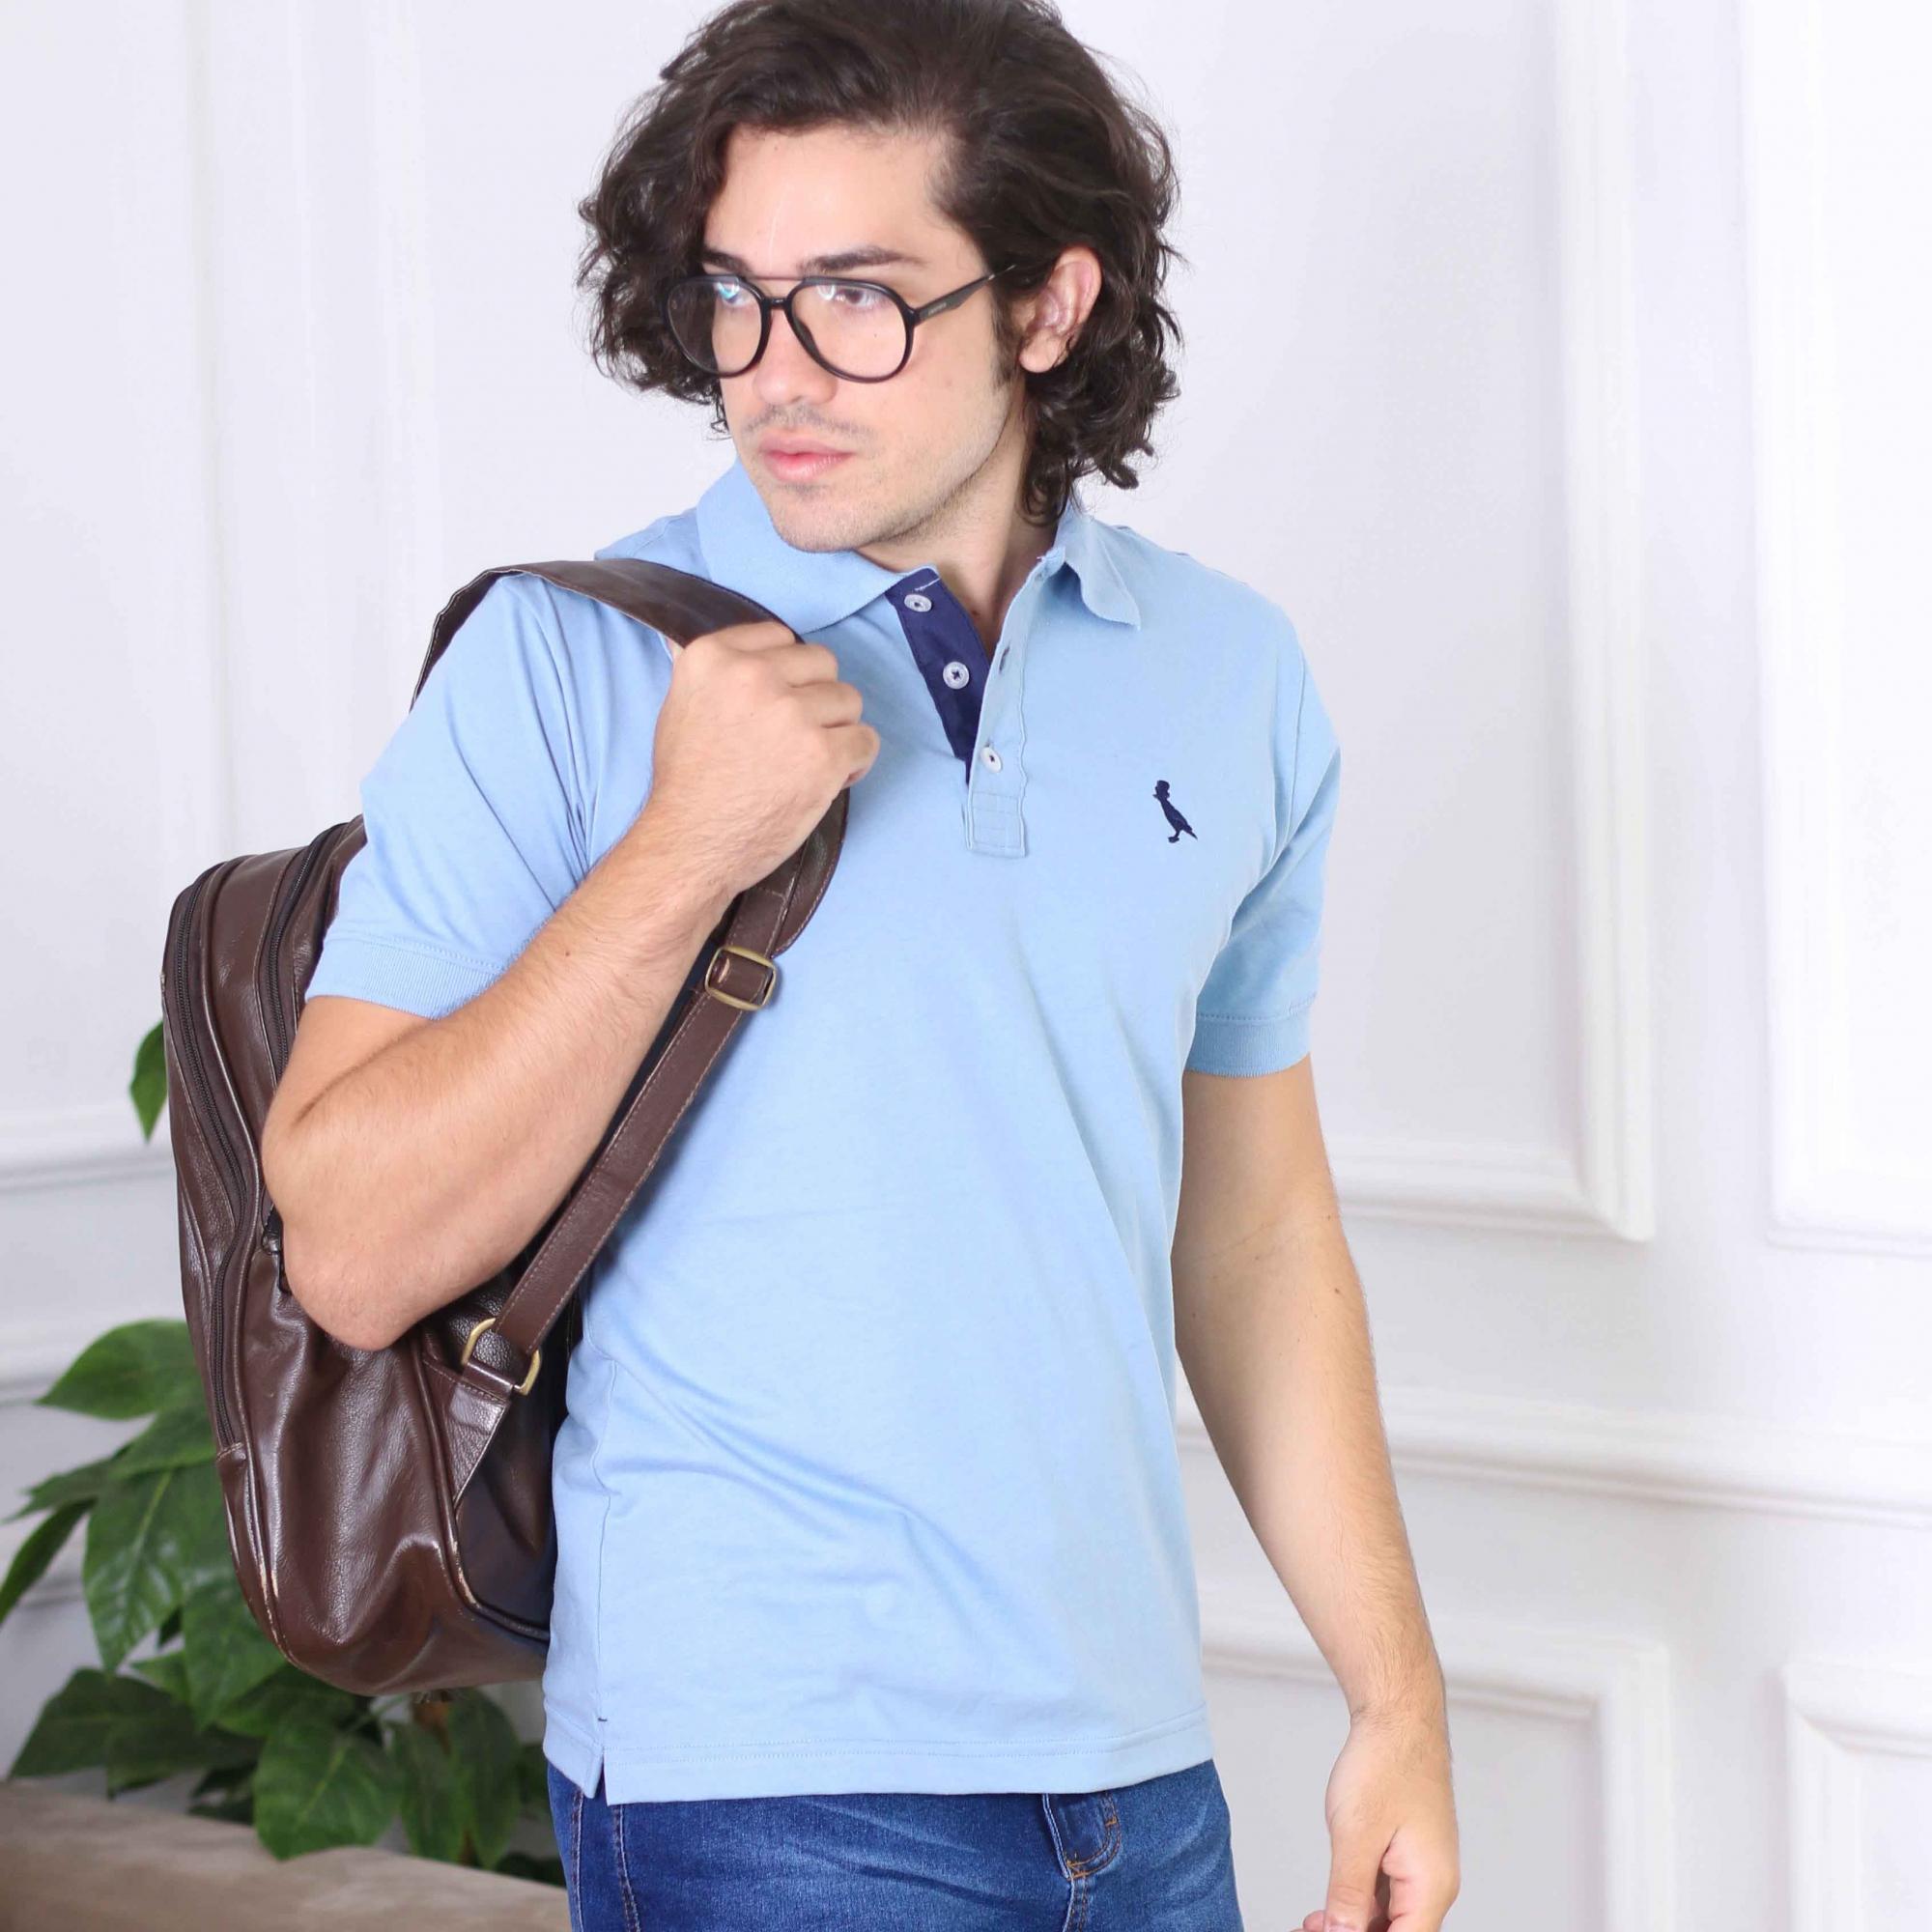 Camisa Polo Básica  Azul Claro  - Kactoos